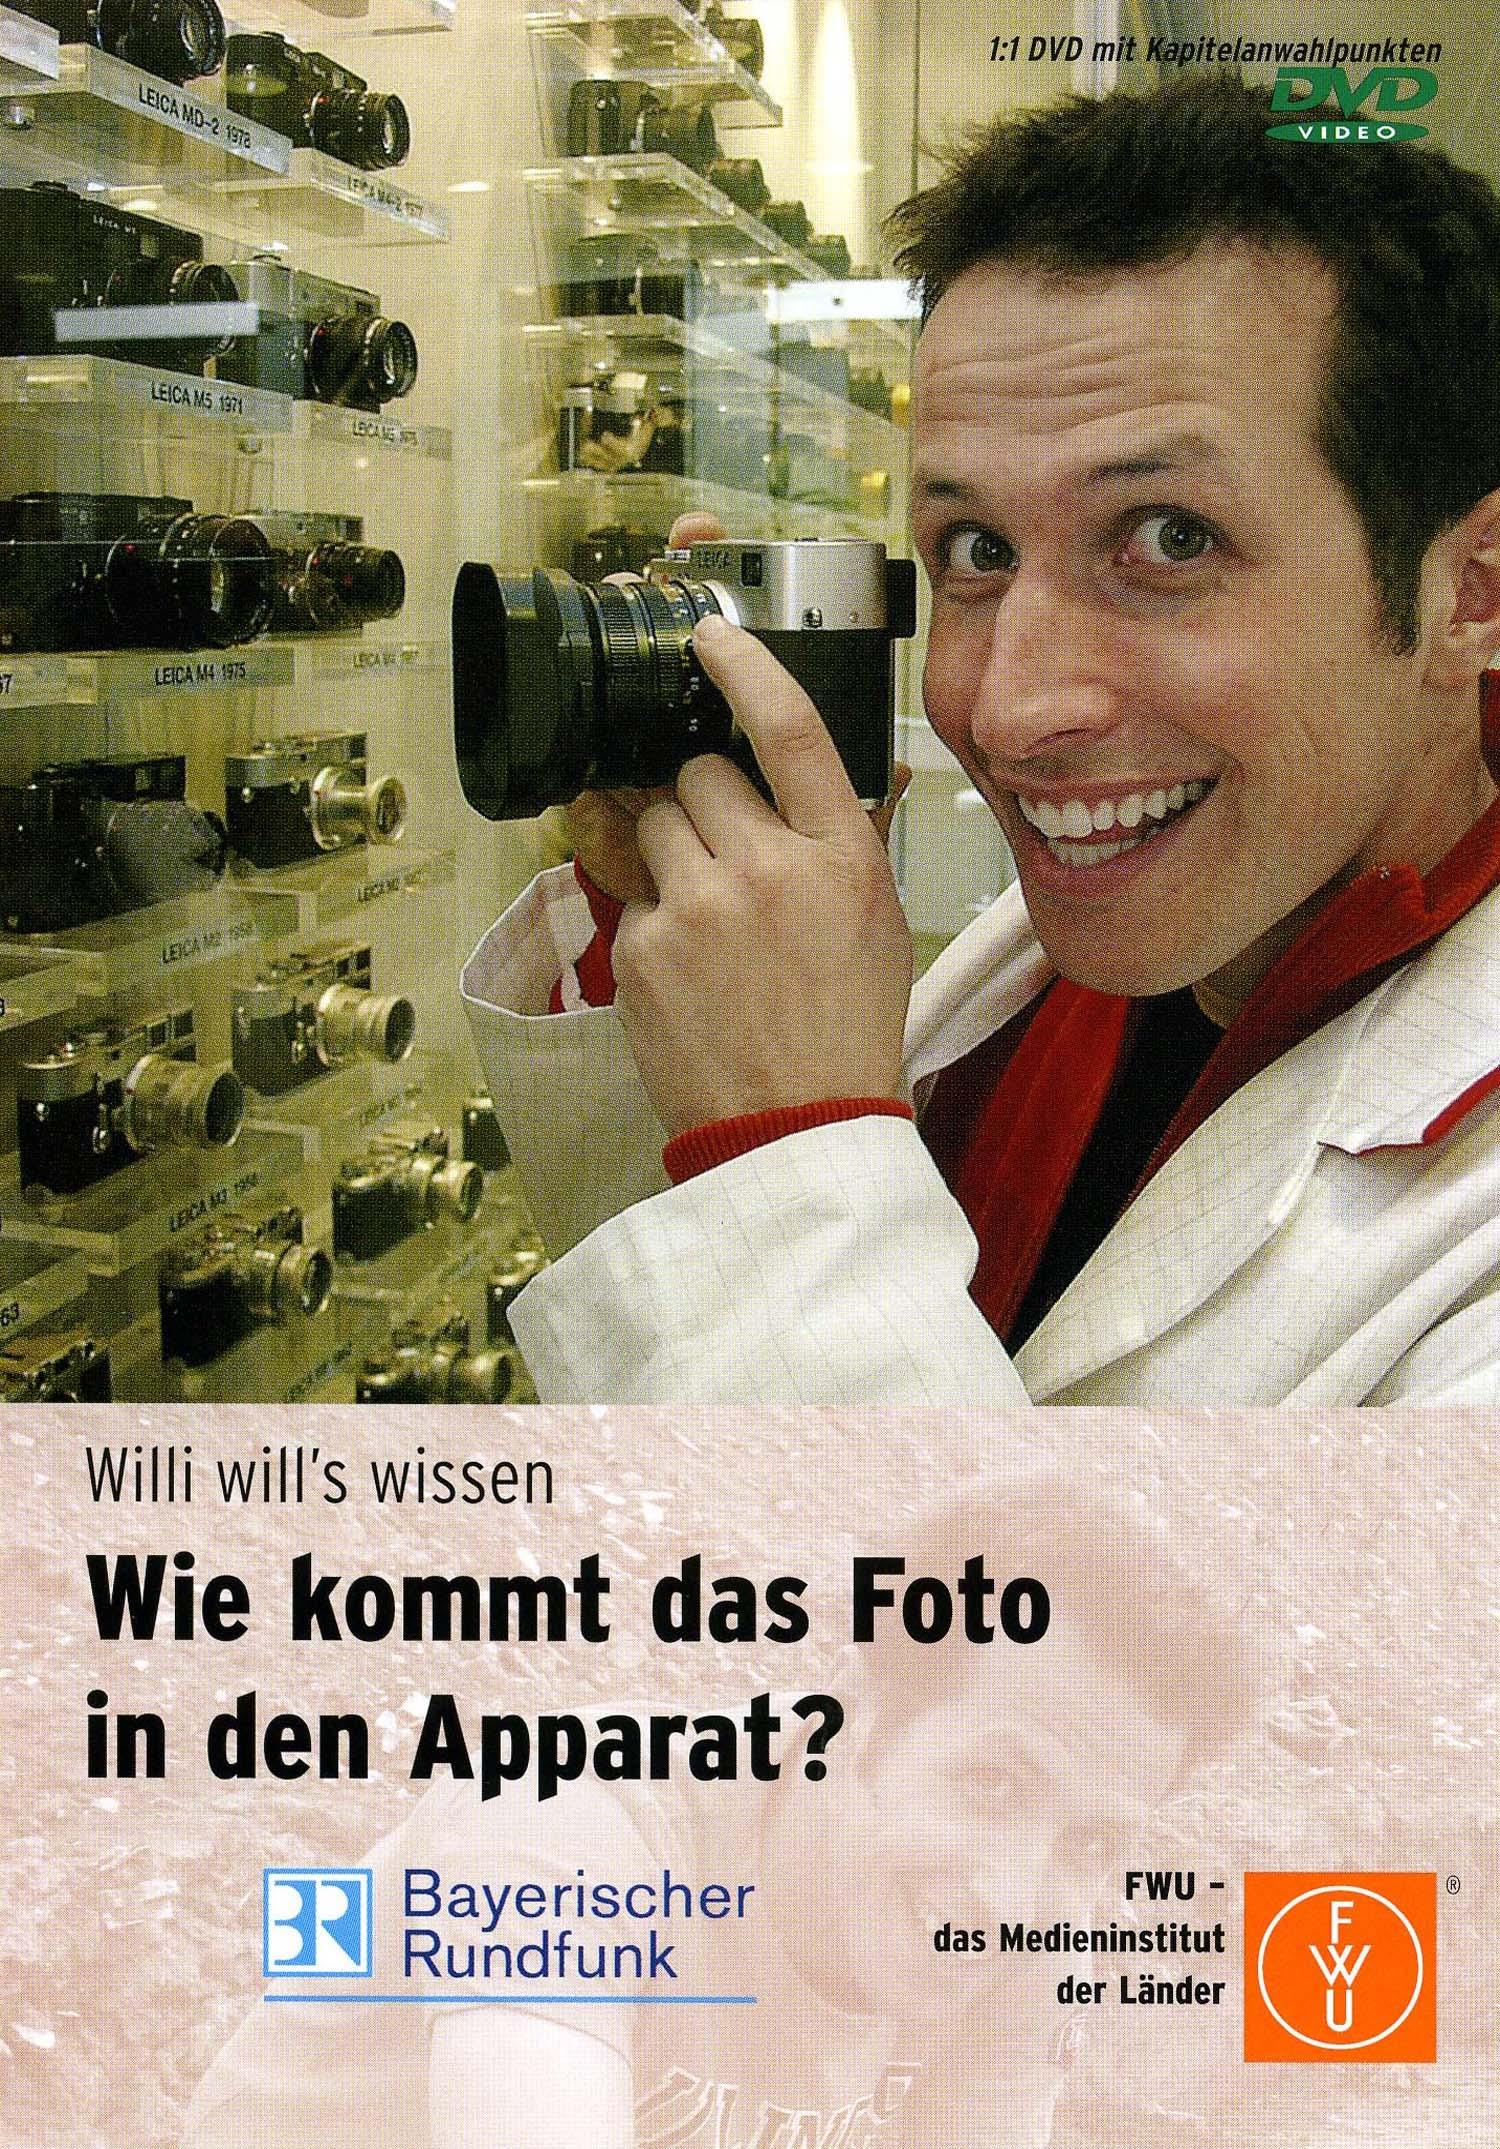 Willi will´s wissen: Wie kommt das Foto in den Apparat?